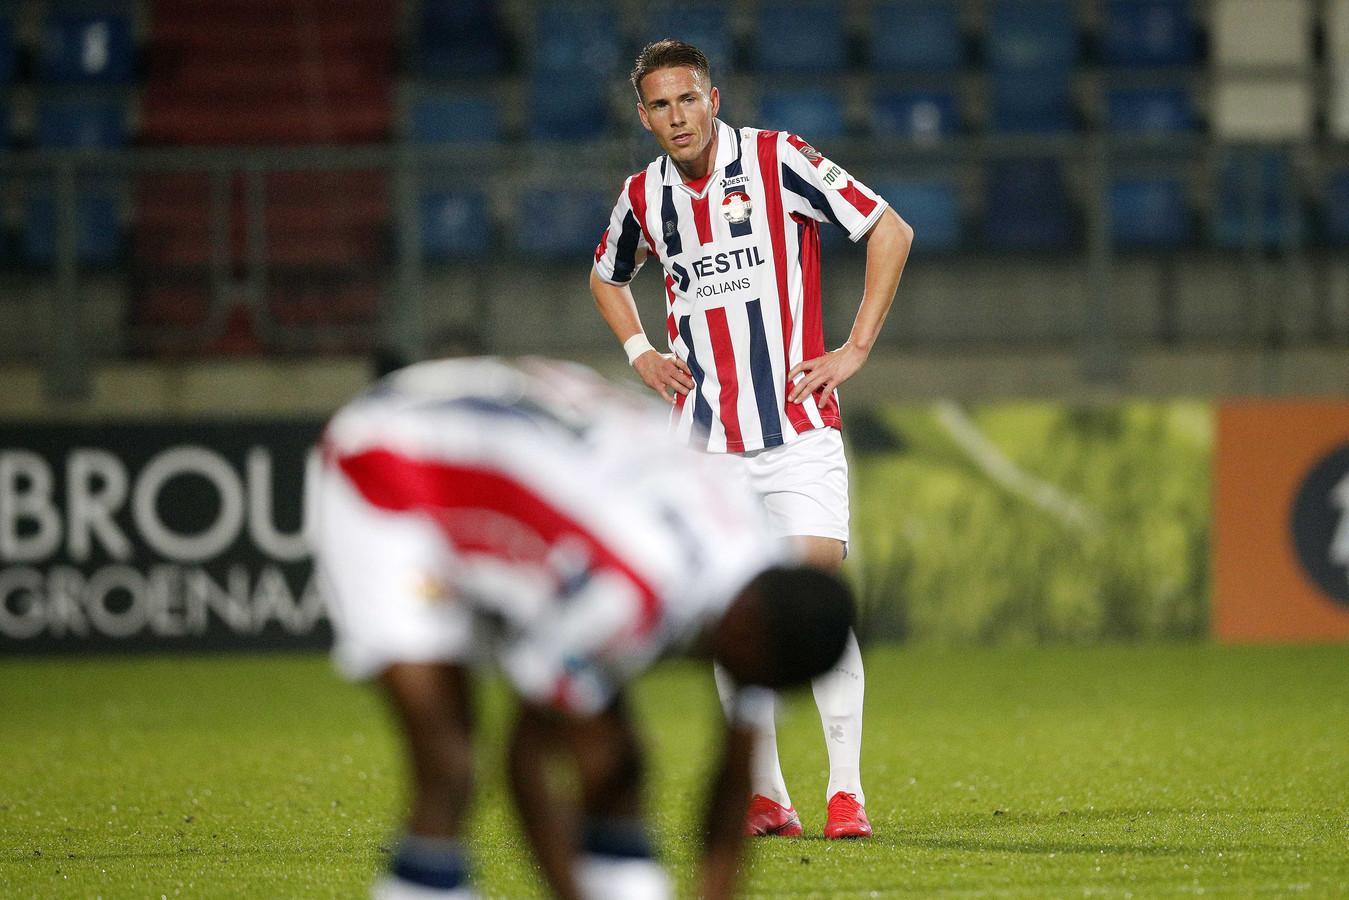 2020-10-17 22:52:31 TILBURG - Paul Gladon of Willem II na afloop van de Nederlandse Eredivisie-wedstrijd tussen Willem II en FC Twente in het Koning Willem II-stadion op 17 oktober 2020 in Tilburg, Nederland.ANP JEROEN PUTMANS